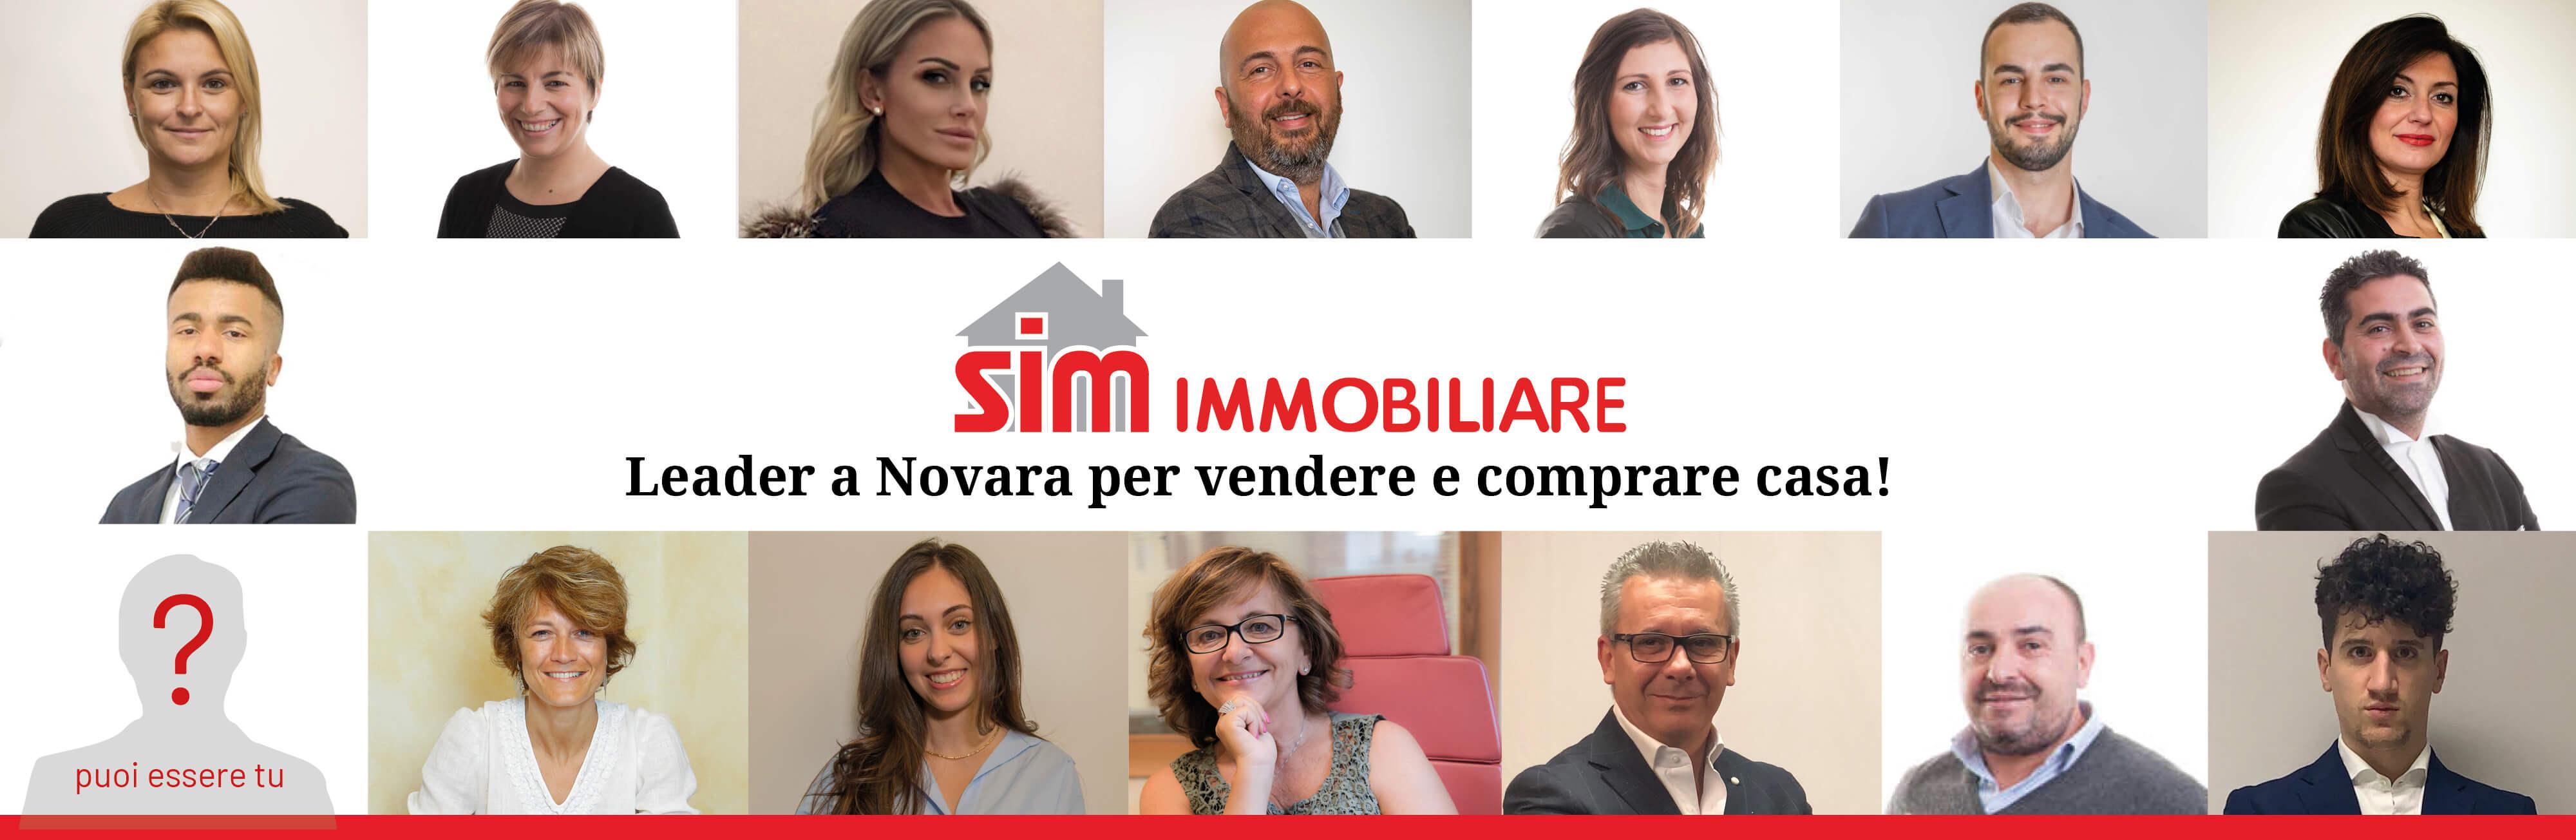 Agenzia immobiliare Novara